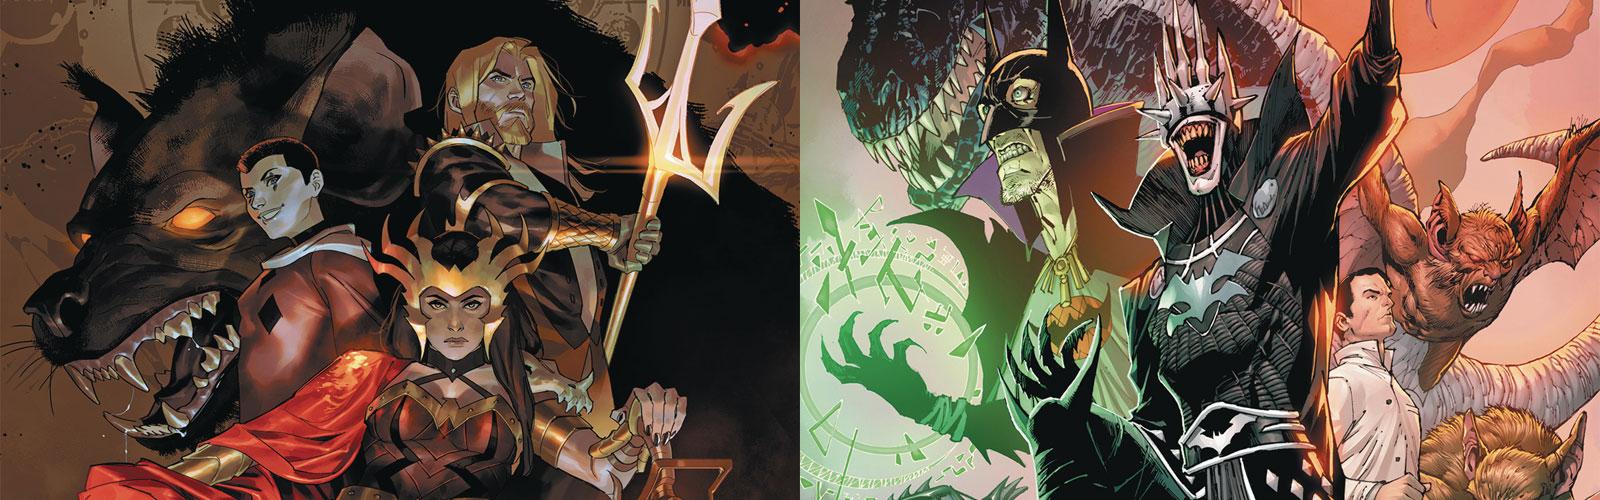 Solicitations: August 2020 – DC Comics